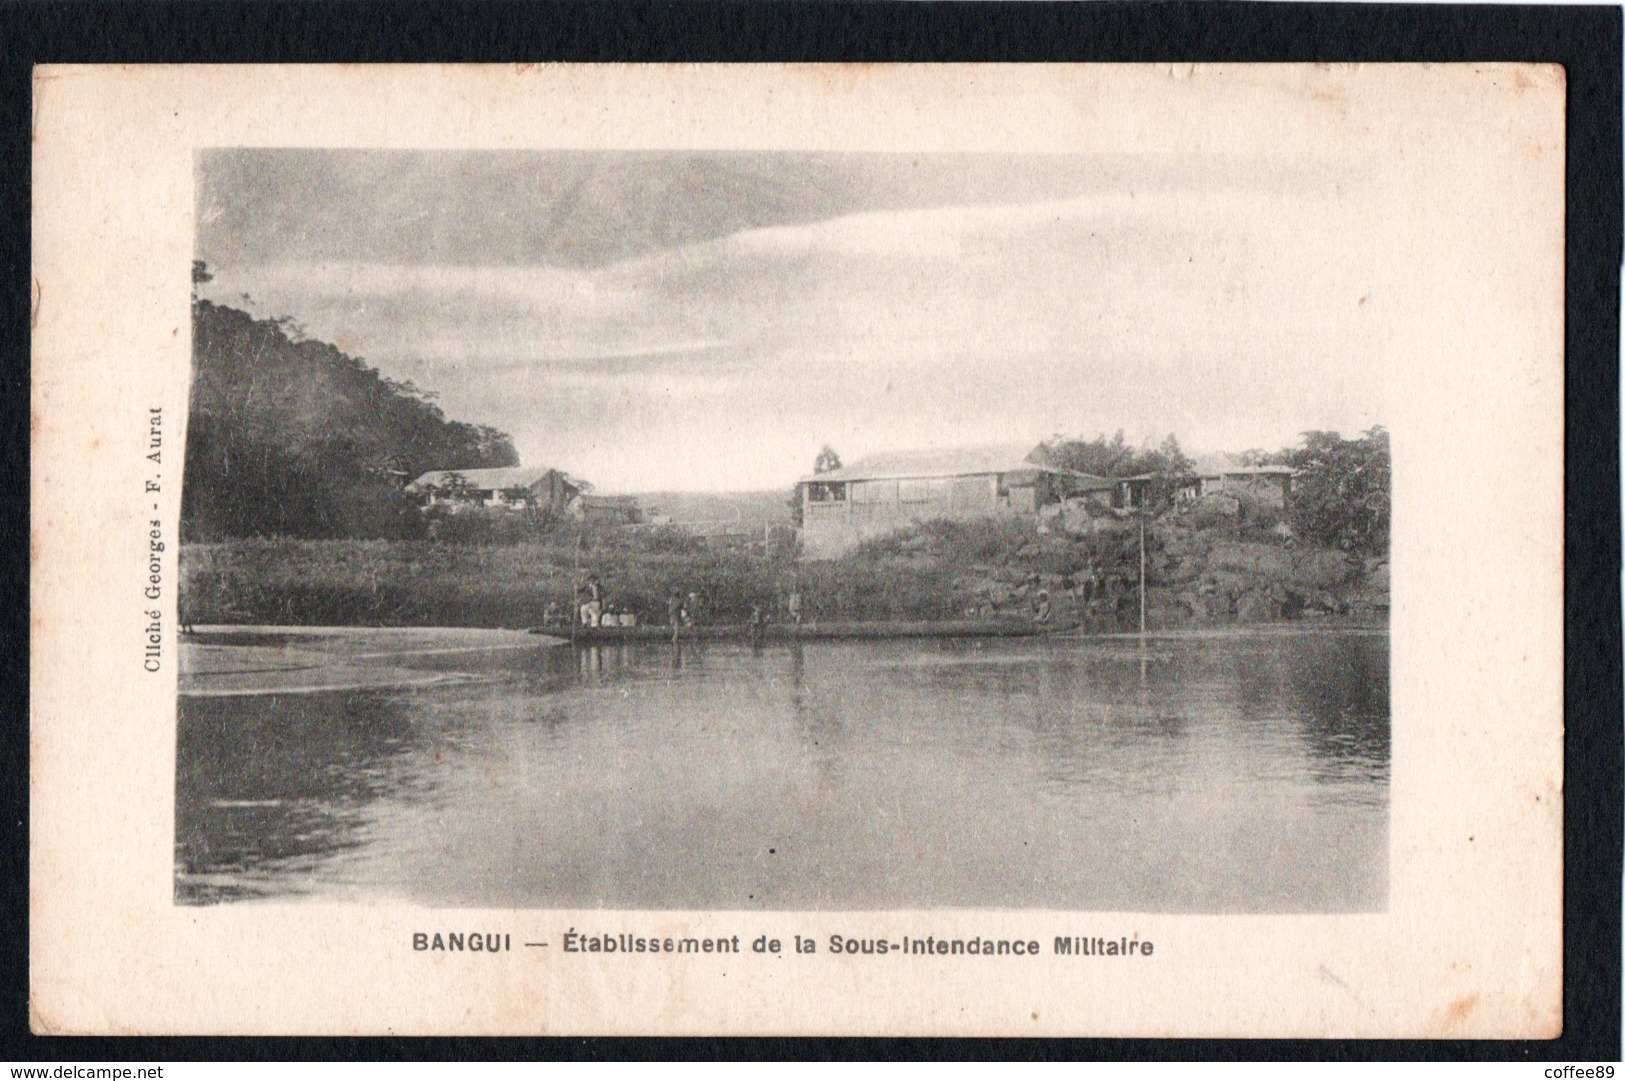 CENTRAFRIQUE - BANGUI - Etablissement De La Sous Intendance Militaire - Cliché Georges F. Aurat - Centrafricaine (République)